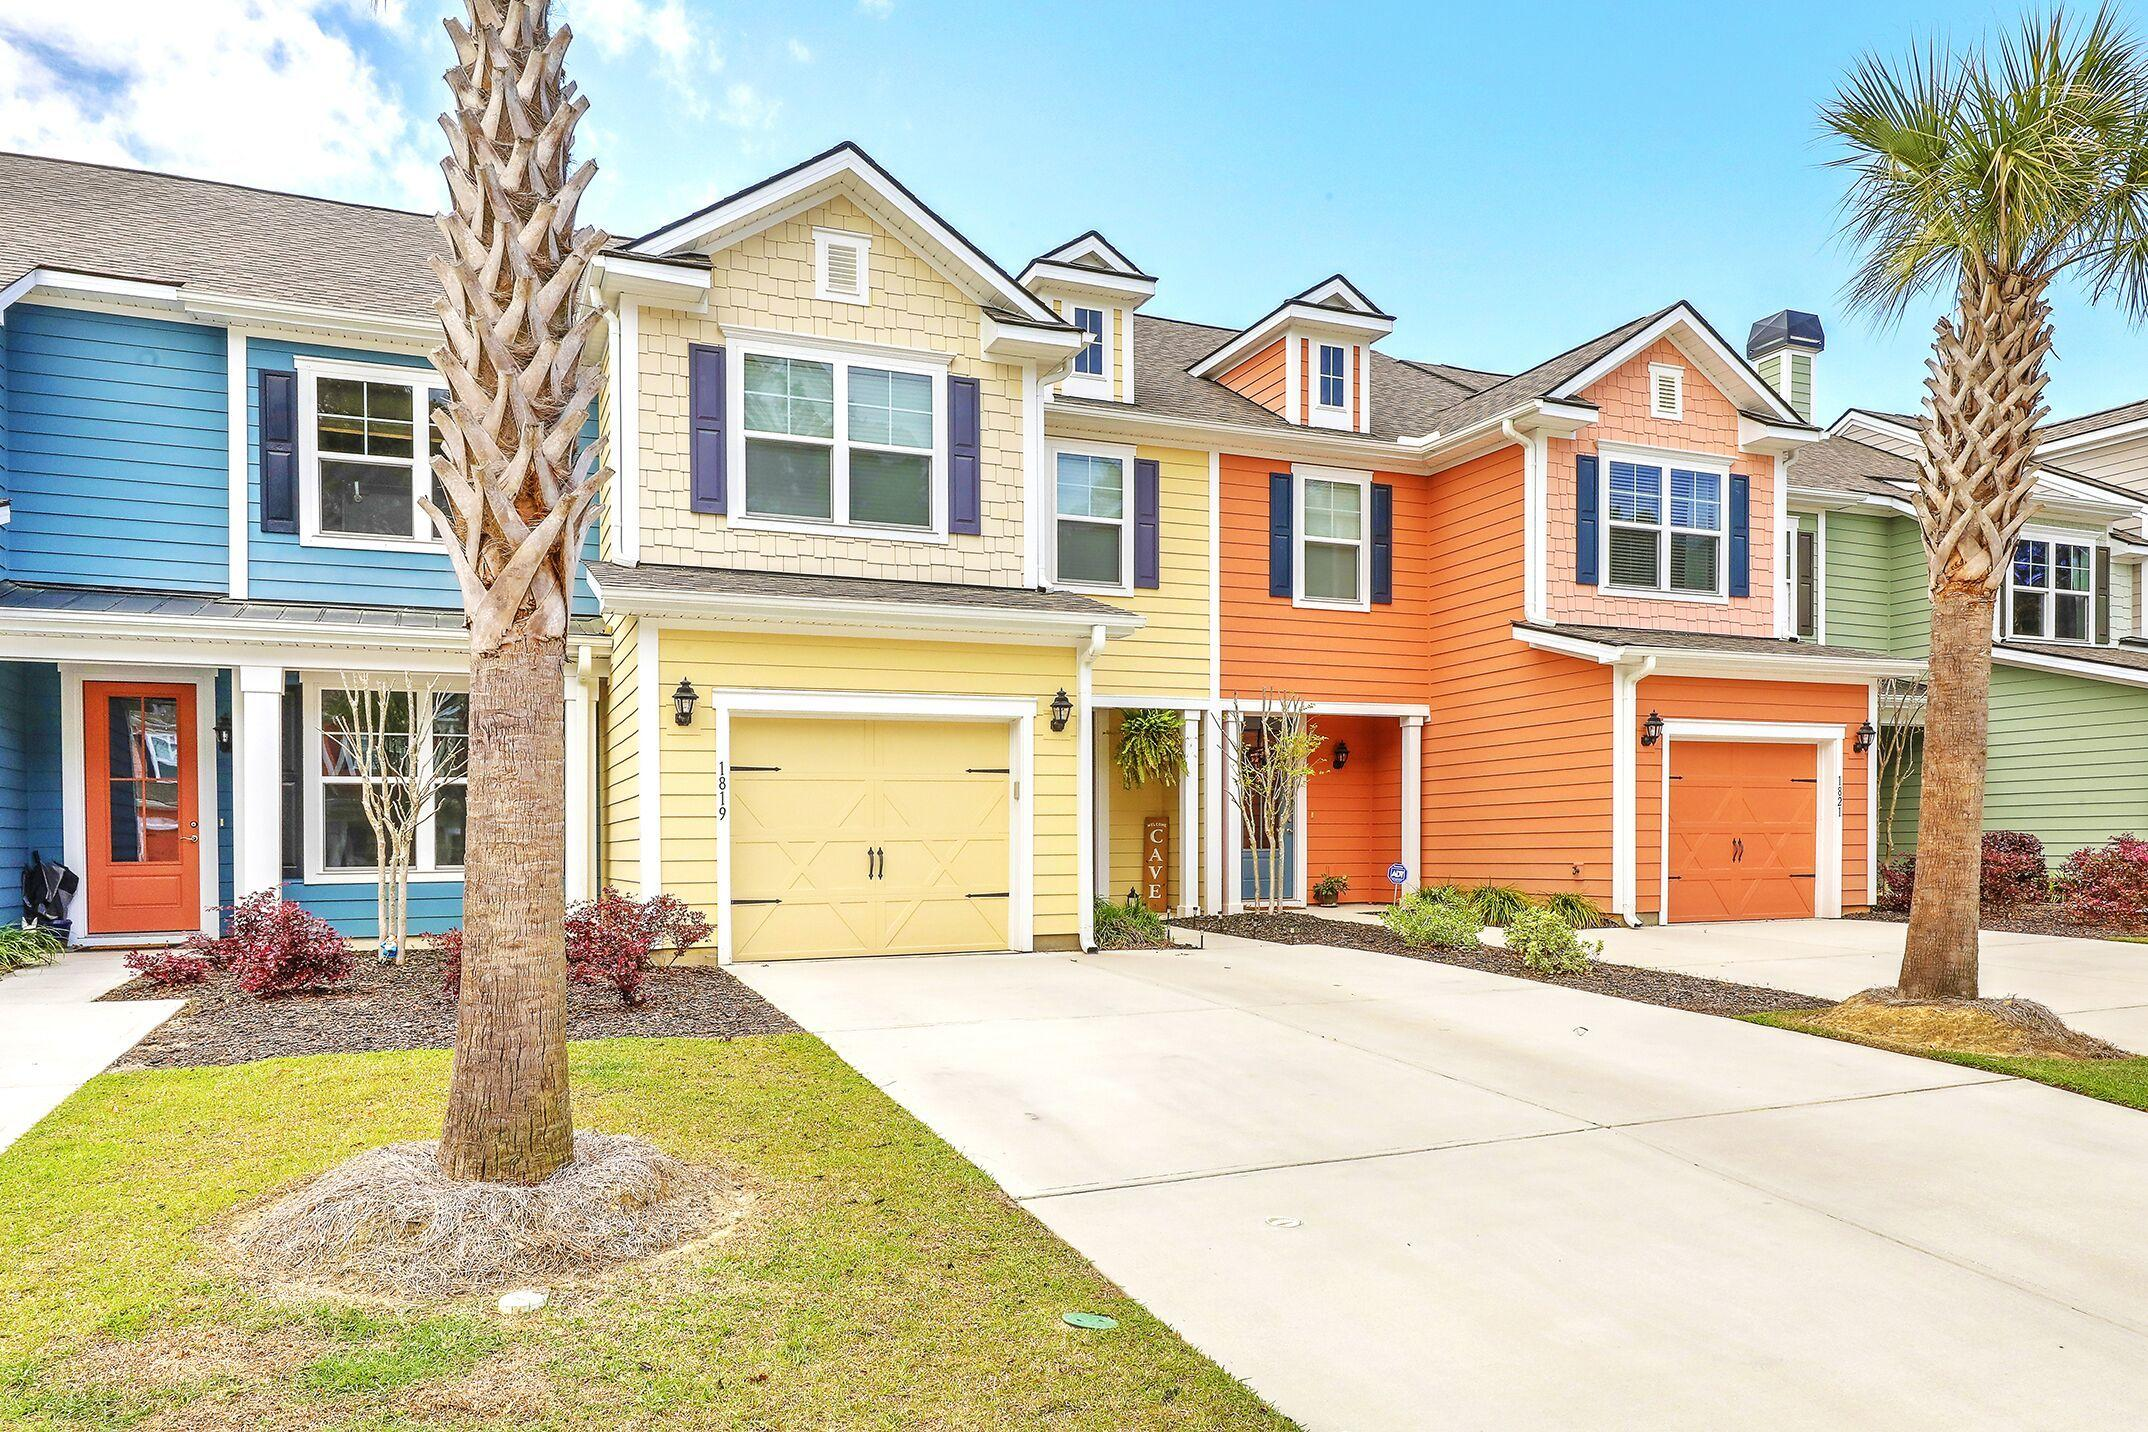 Park West Homes For Sale - 1819 Chauncys, Mount Pleasant, SC - 2